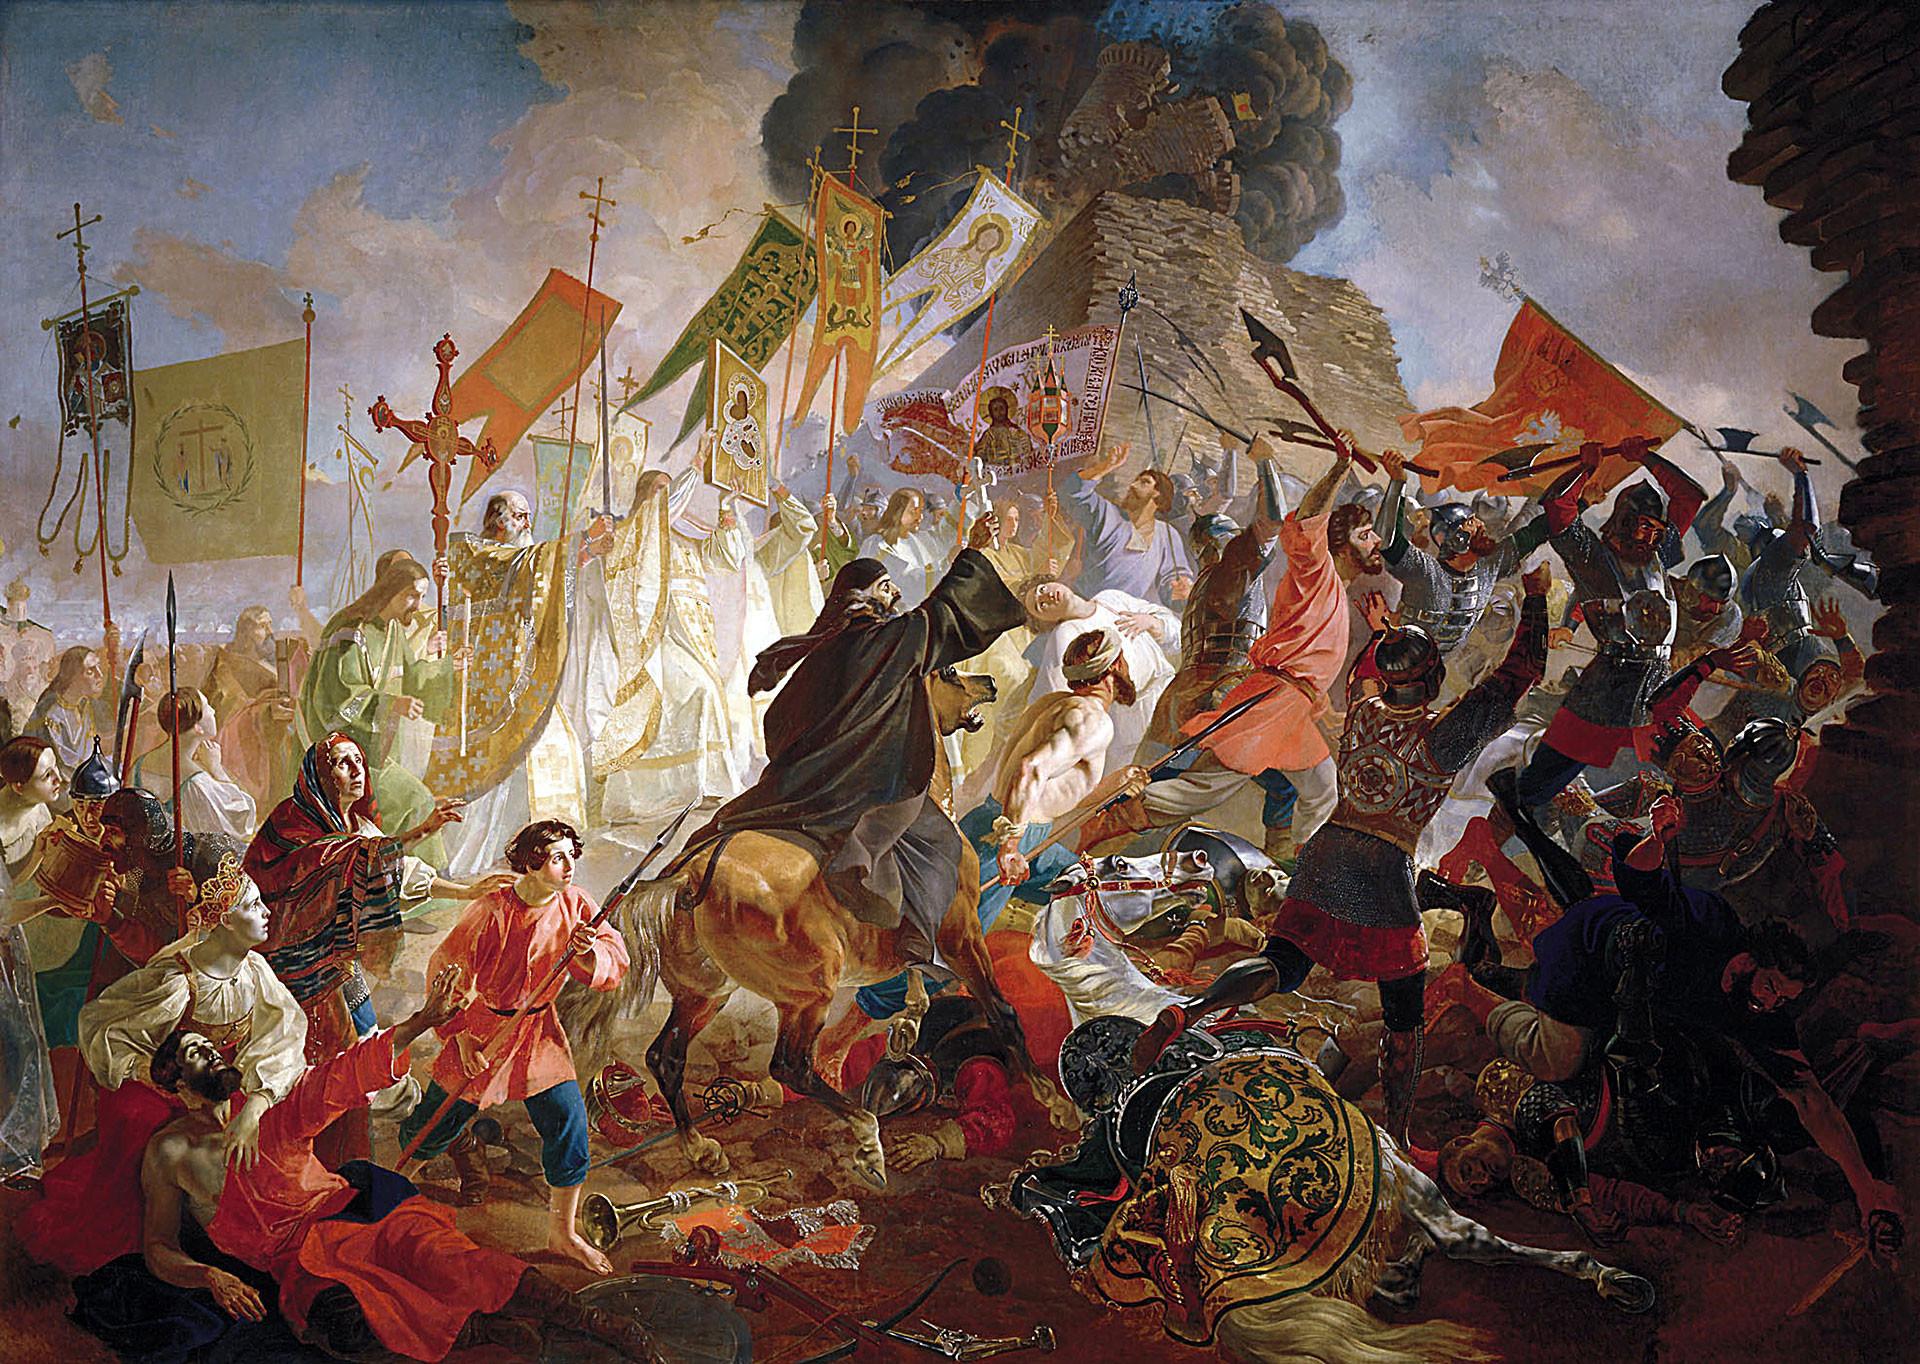 Војската на полскиот крал Стефан Батори го става под опсада Псков, 1843. Карл Брјулов, масло на платно.